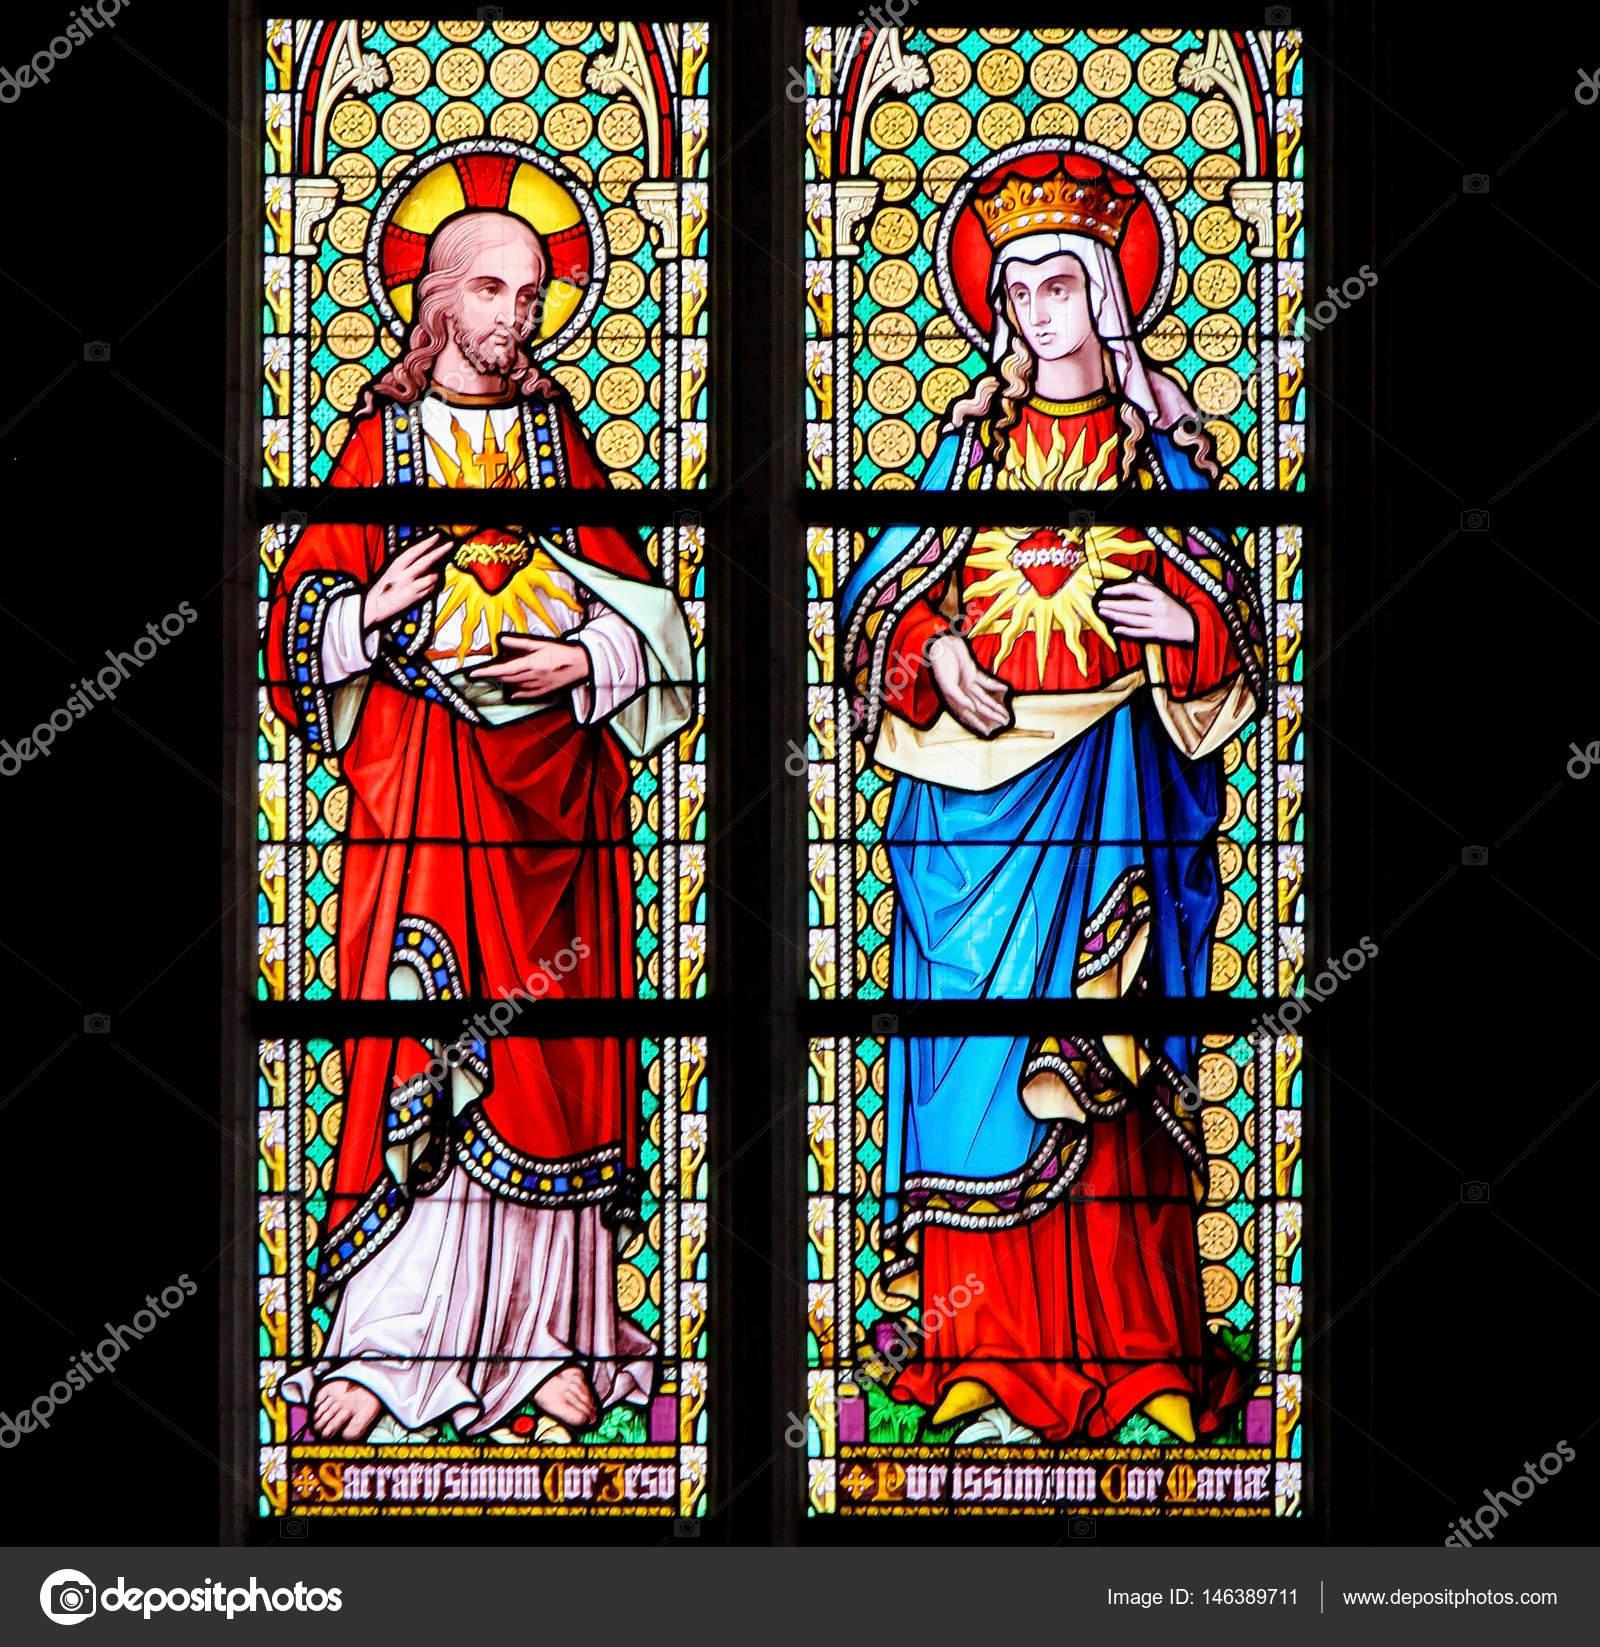 Imágenes Sagrado Corazon De Jesus Para Descargar Vidrieras